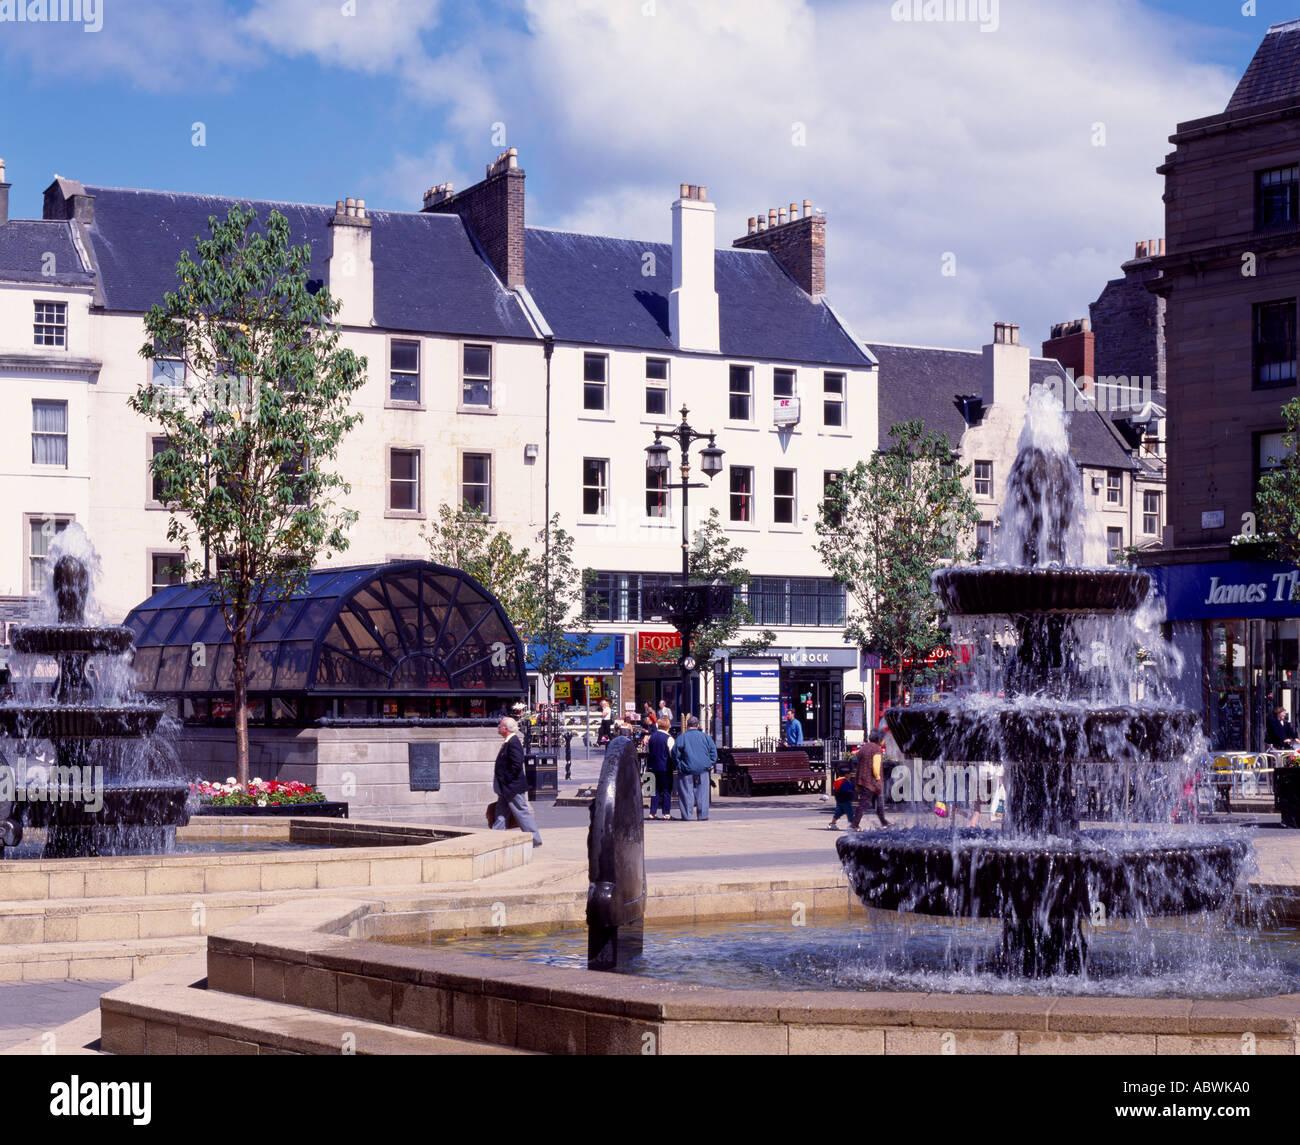 City Square, Dundee, Scotland, UK - Stock Image